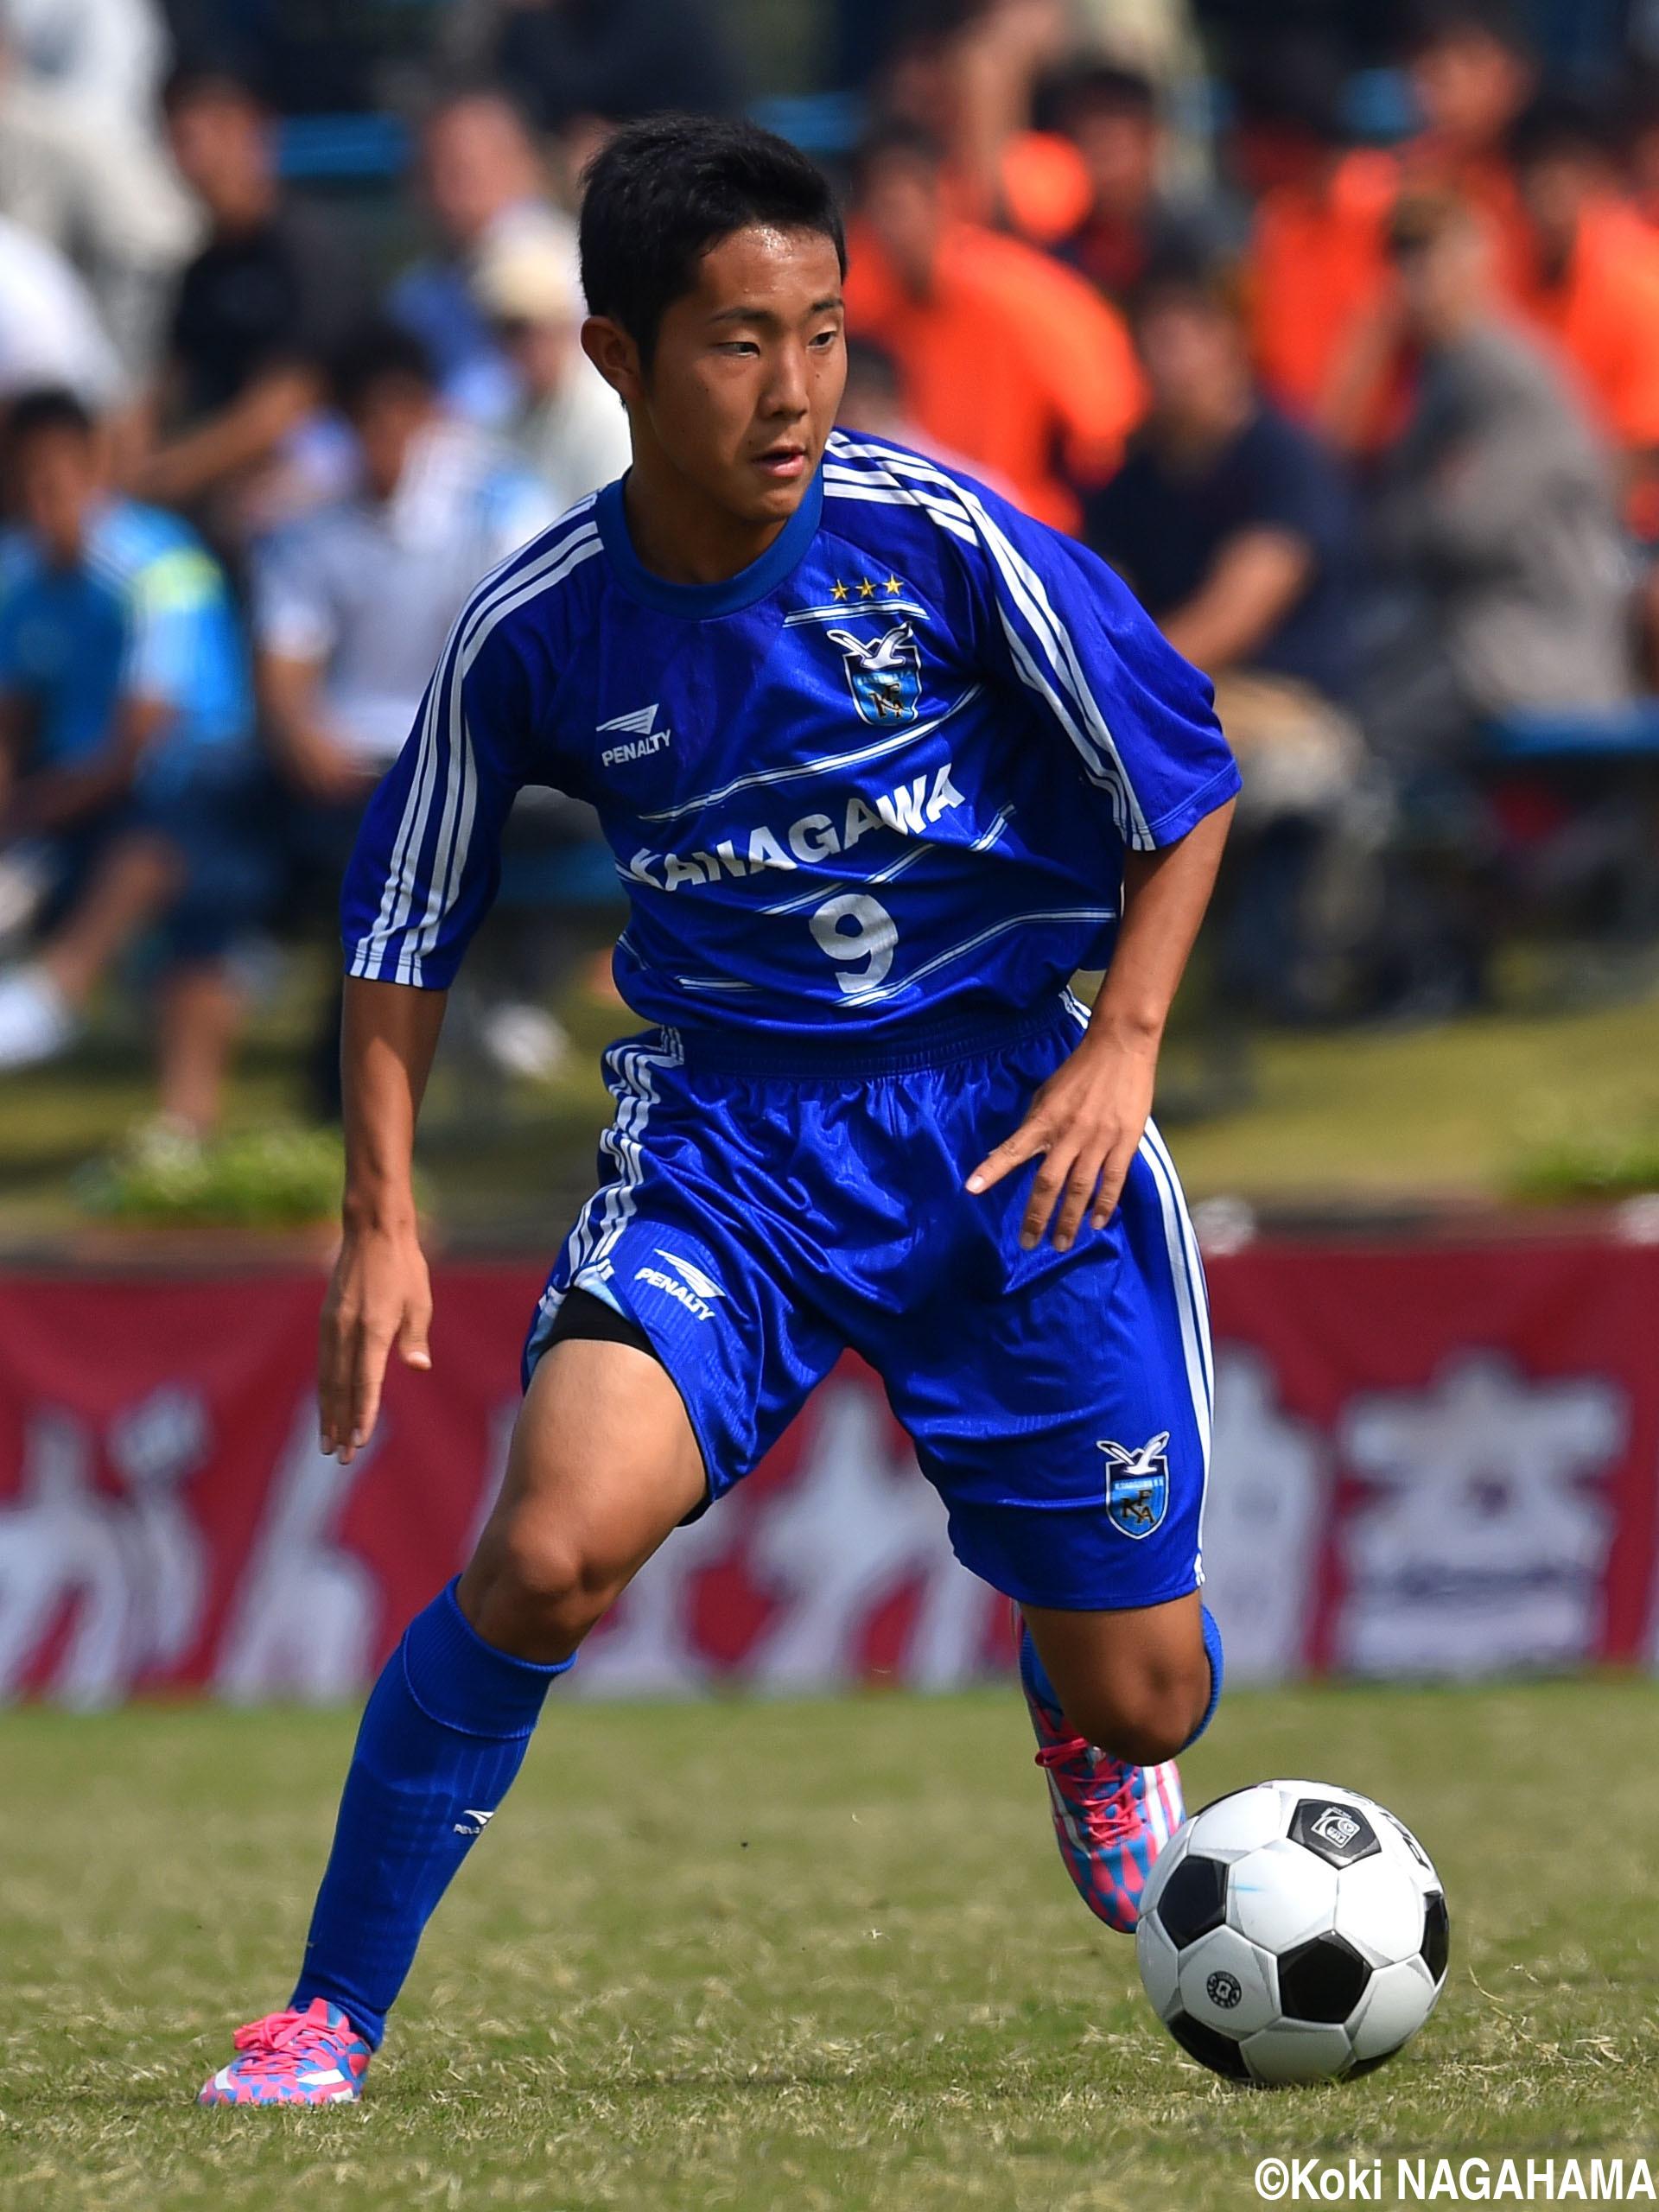 田中碧 (サッカー選手)の画像 p1_9